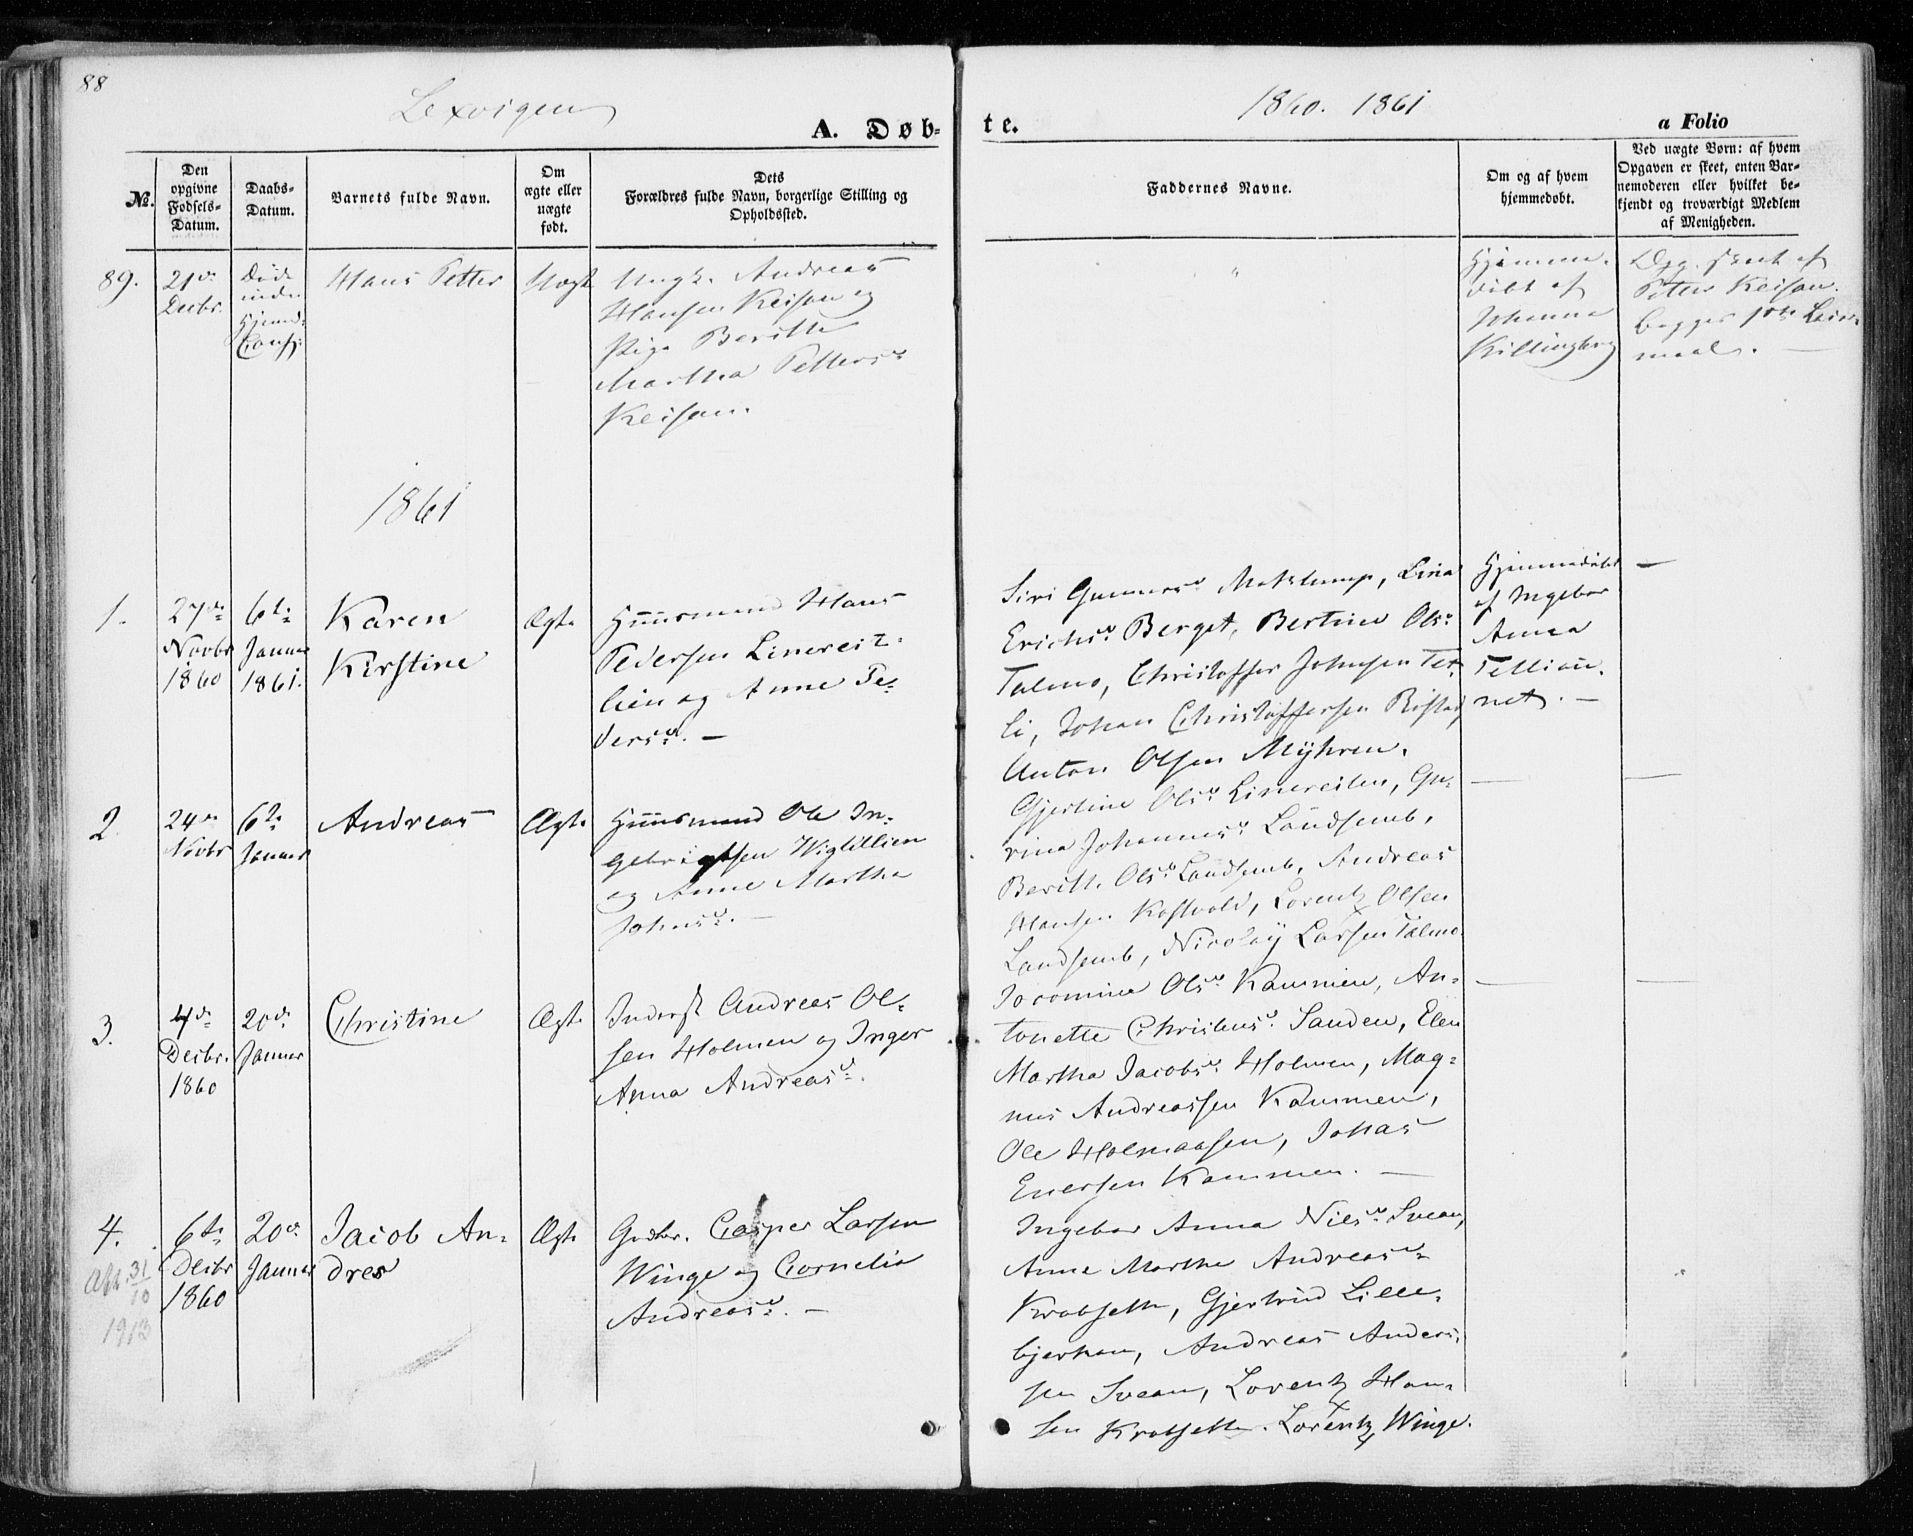 SAT, Ministerialprotokoller, klokkerbøker og fødselsregistre - Nord-Trøndelag, 701/L0008: Ministerialbok nr. 701A08 /1, 1854-1863, s. 88